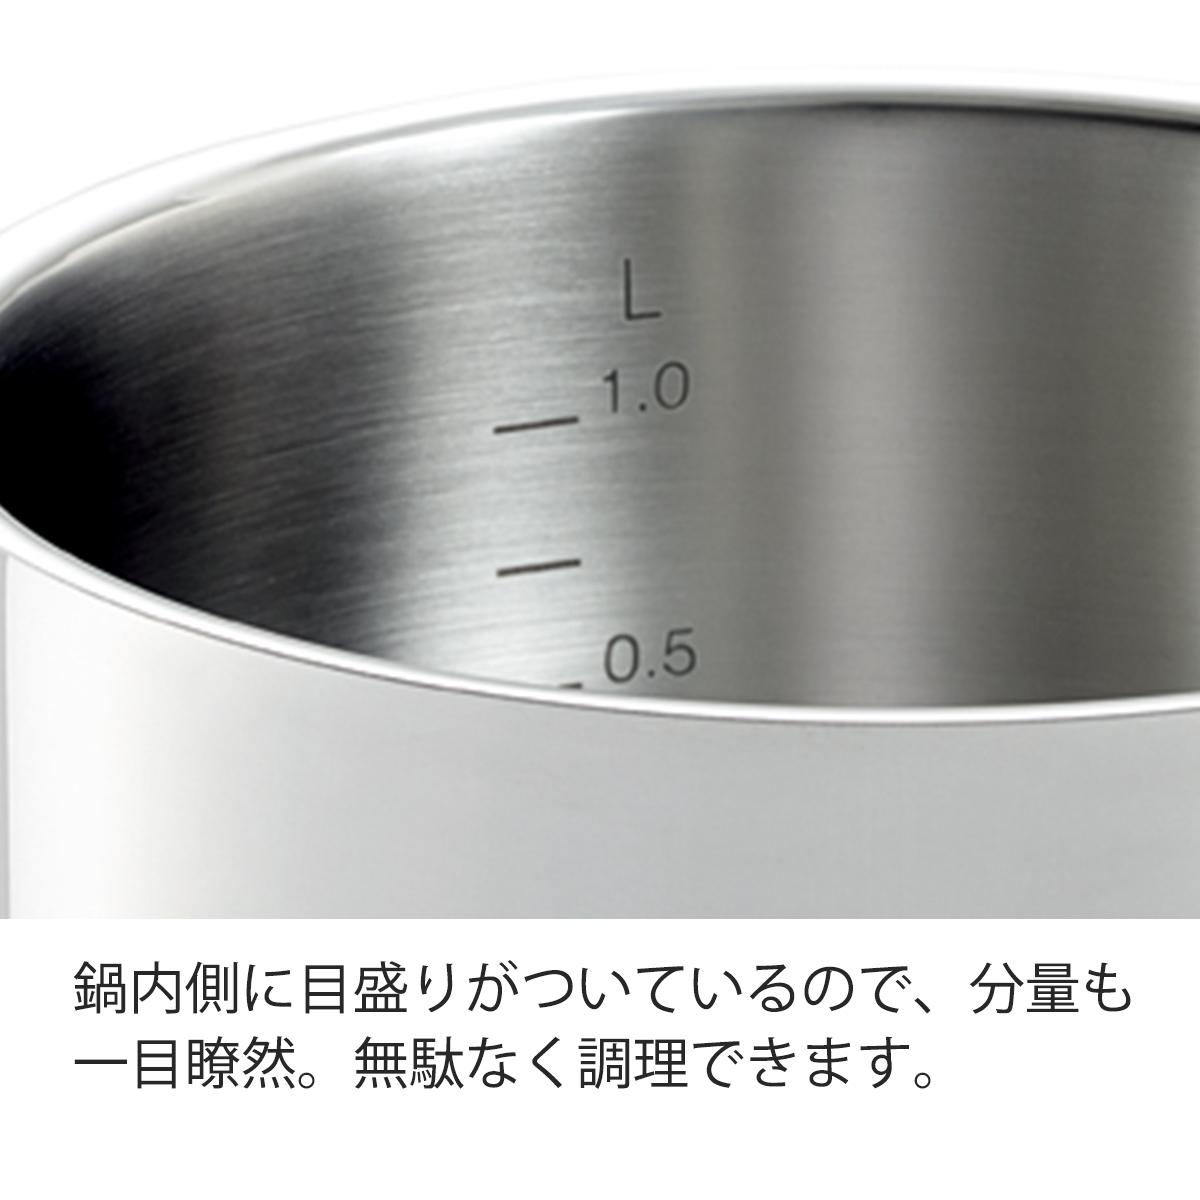 bremen(ブレーメン) ソースパン 16cm ふた付き 013-115-16-000の商品画像4